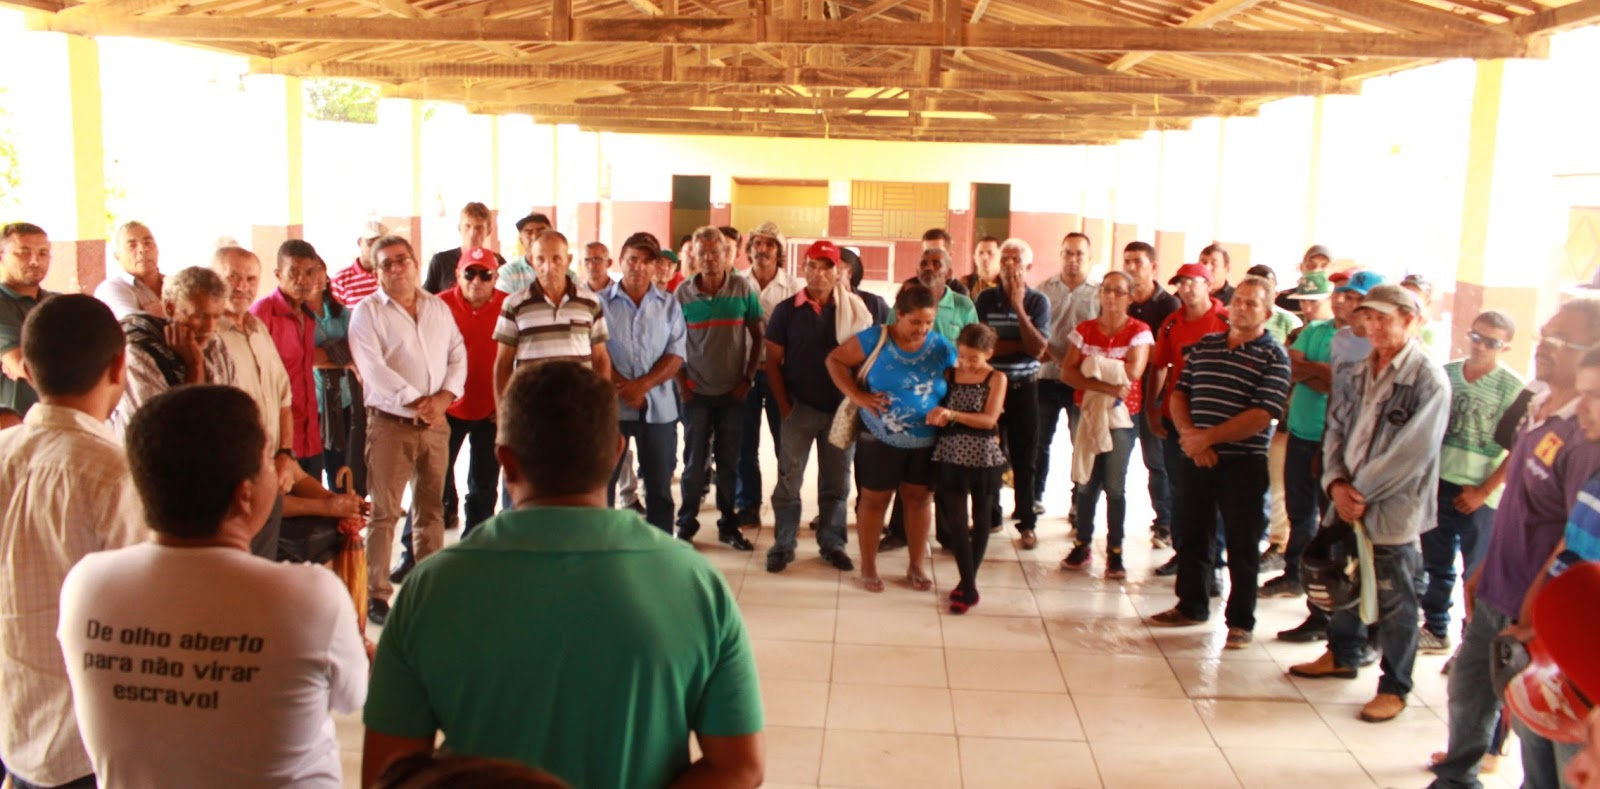 Comunidades reunidas no dia dos depoimentos